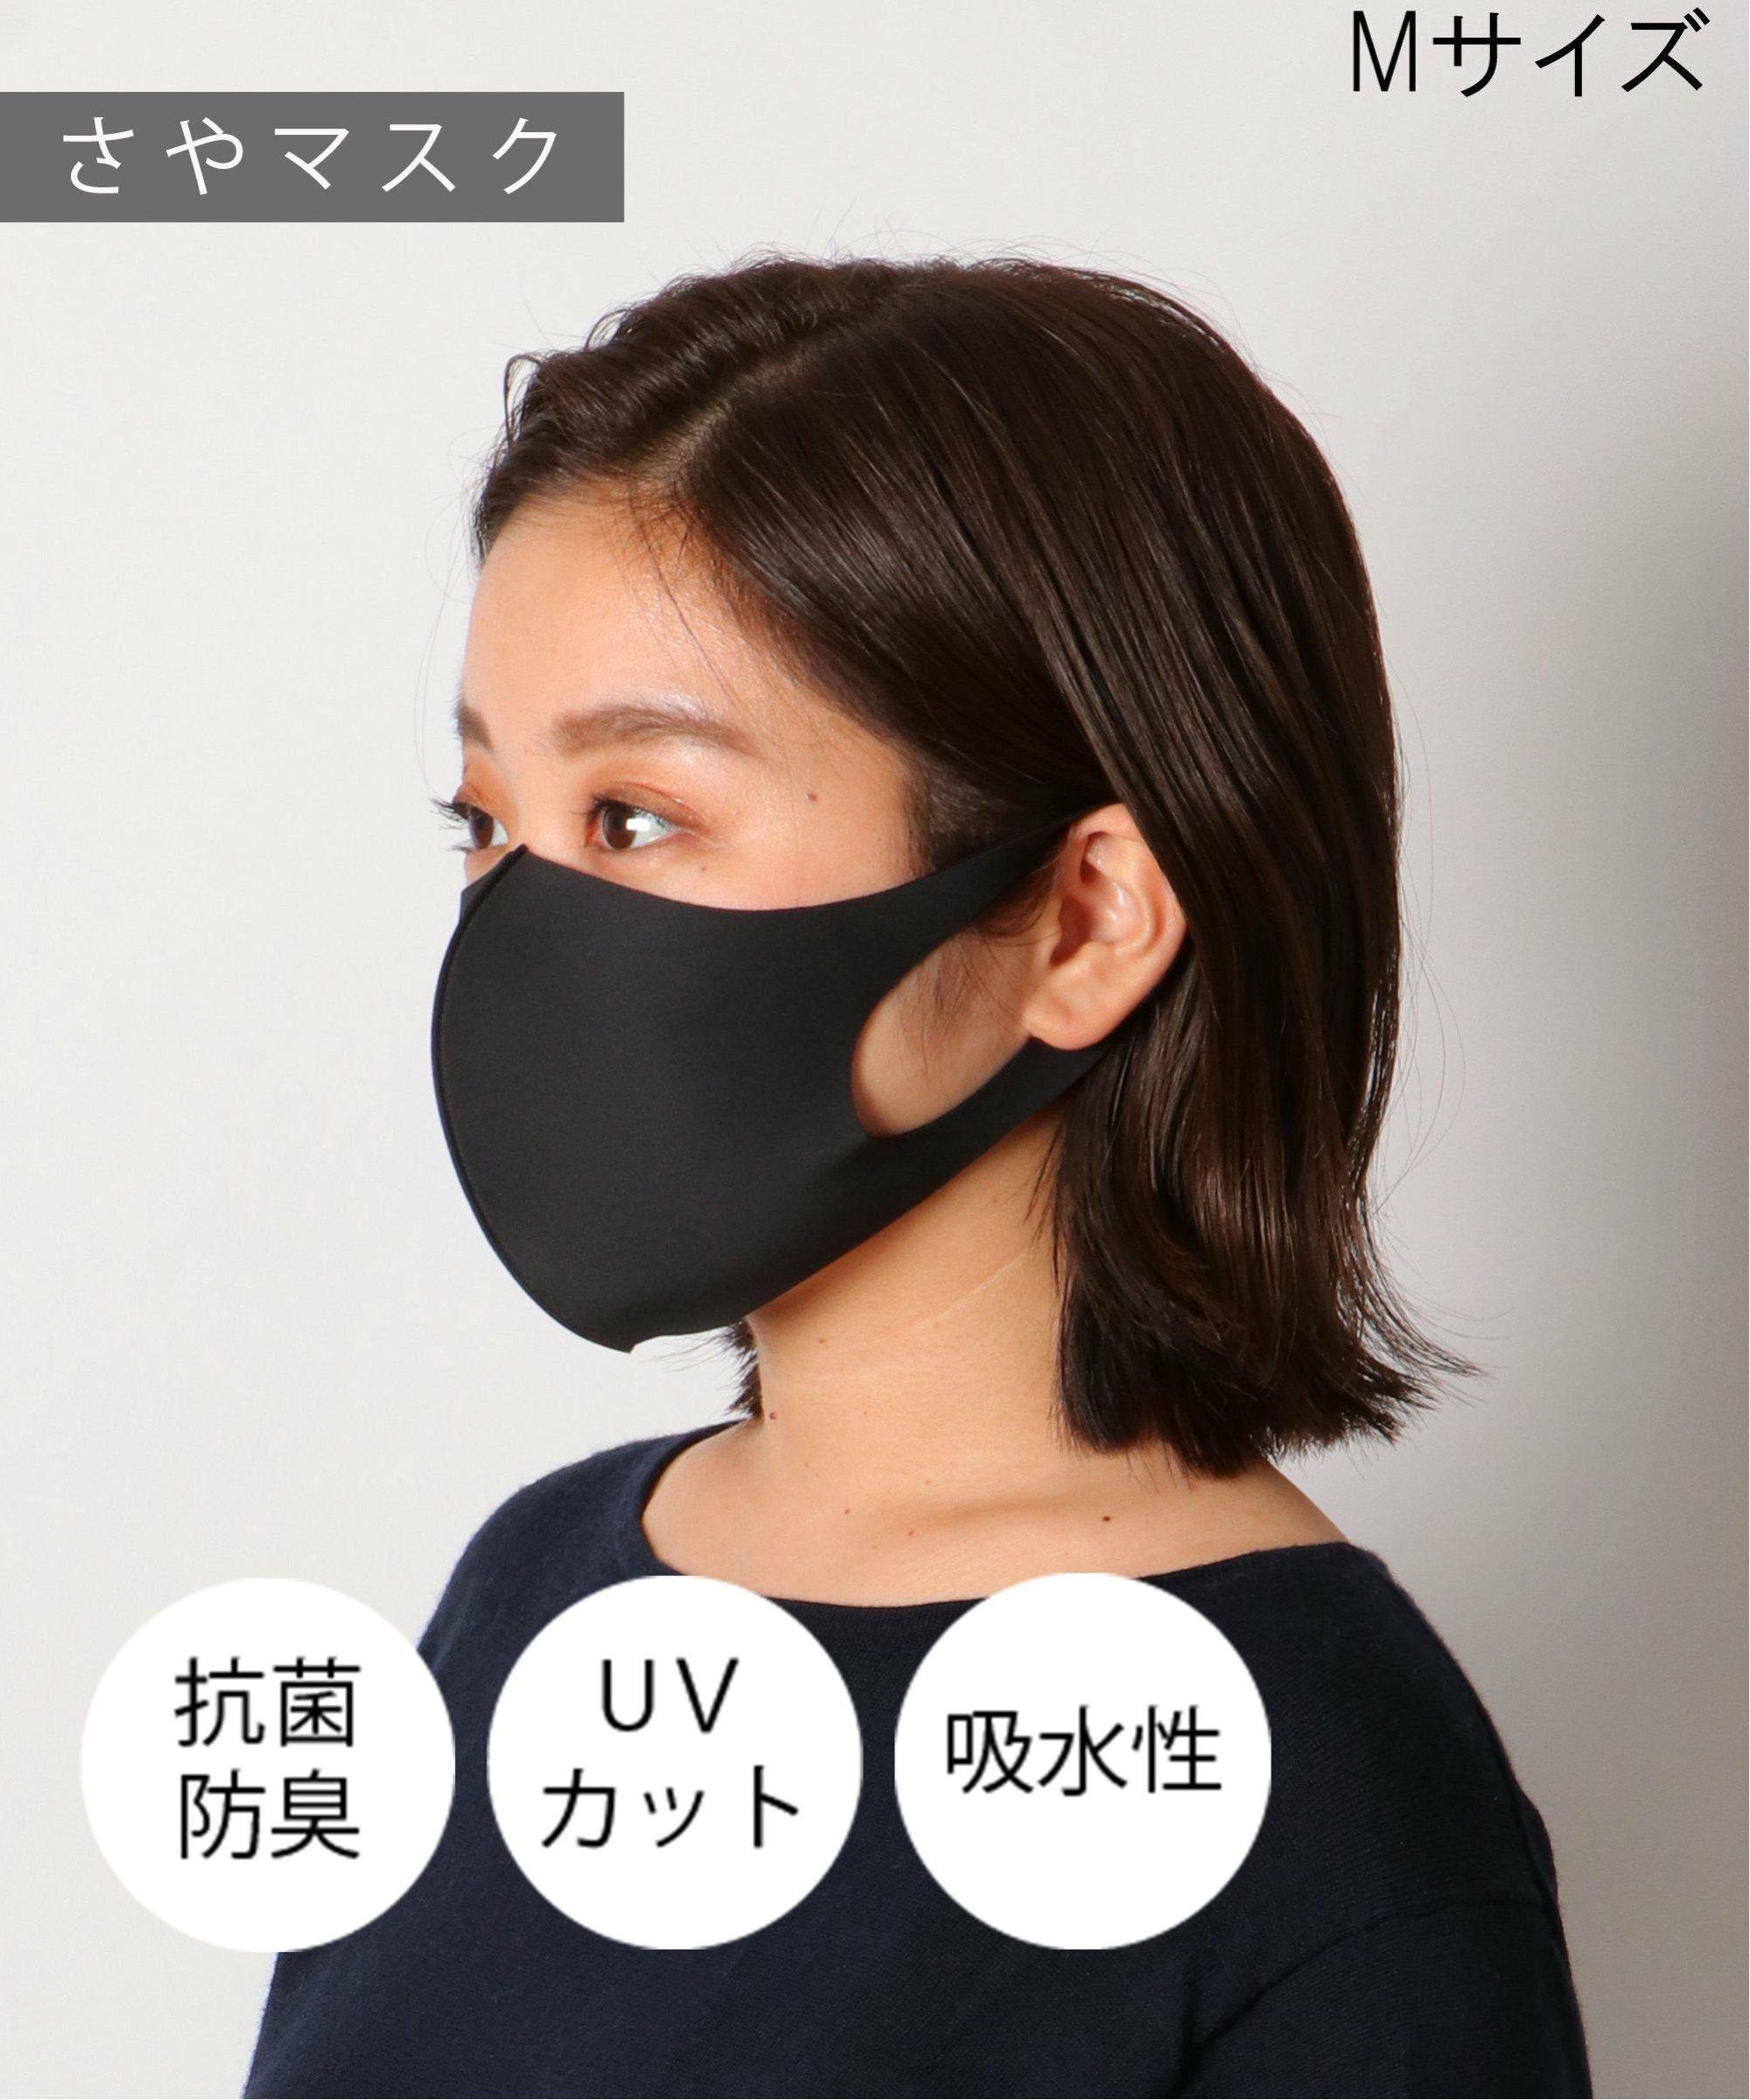 【おとな用】 清マスク(さやマスク) ブラック